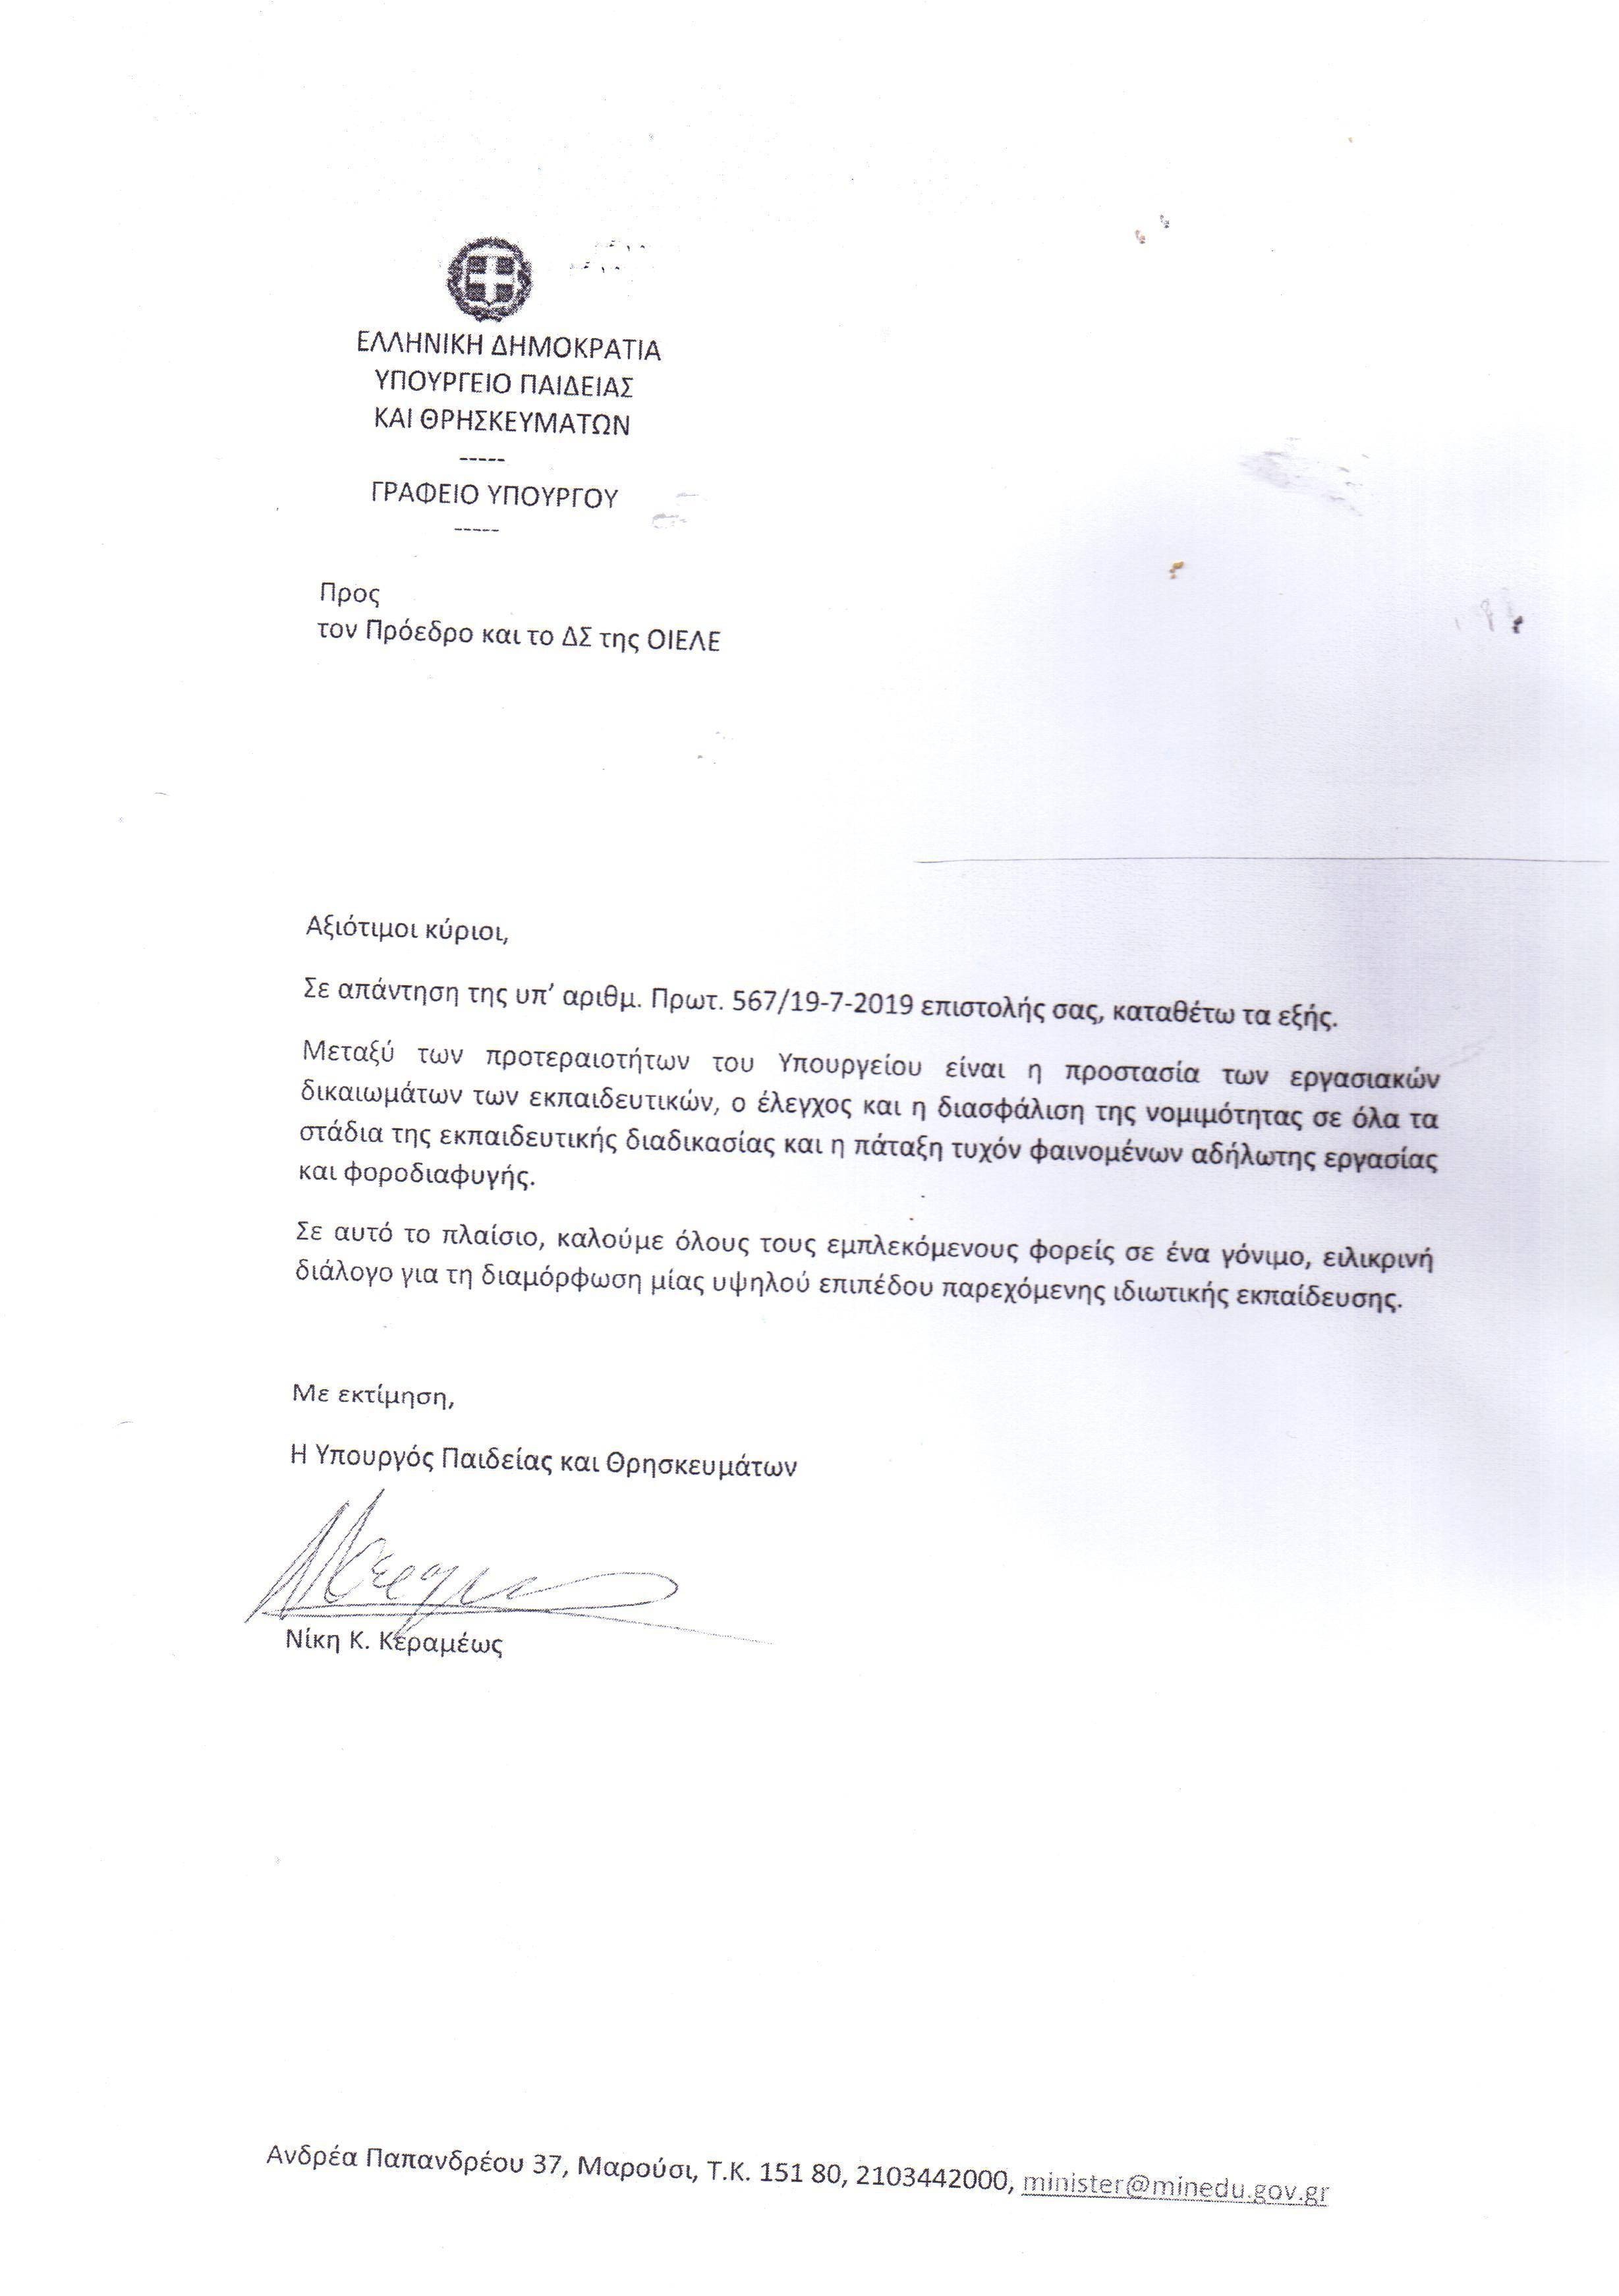 Απάντηση της υπουργού Παιδείας